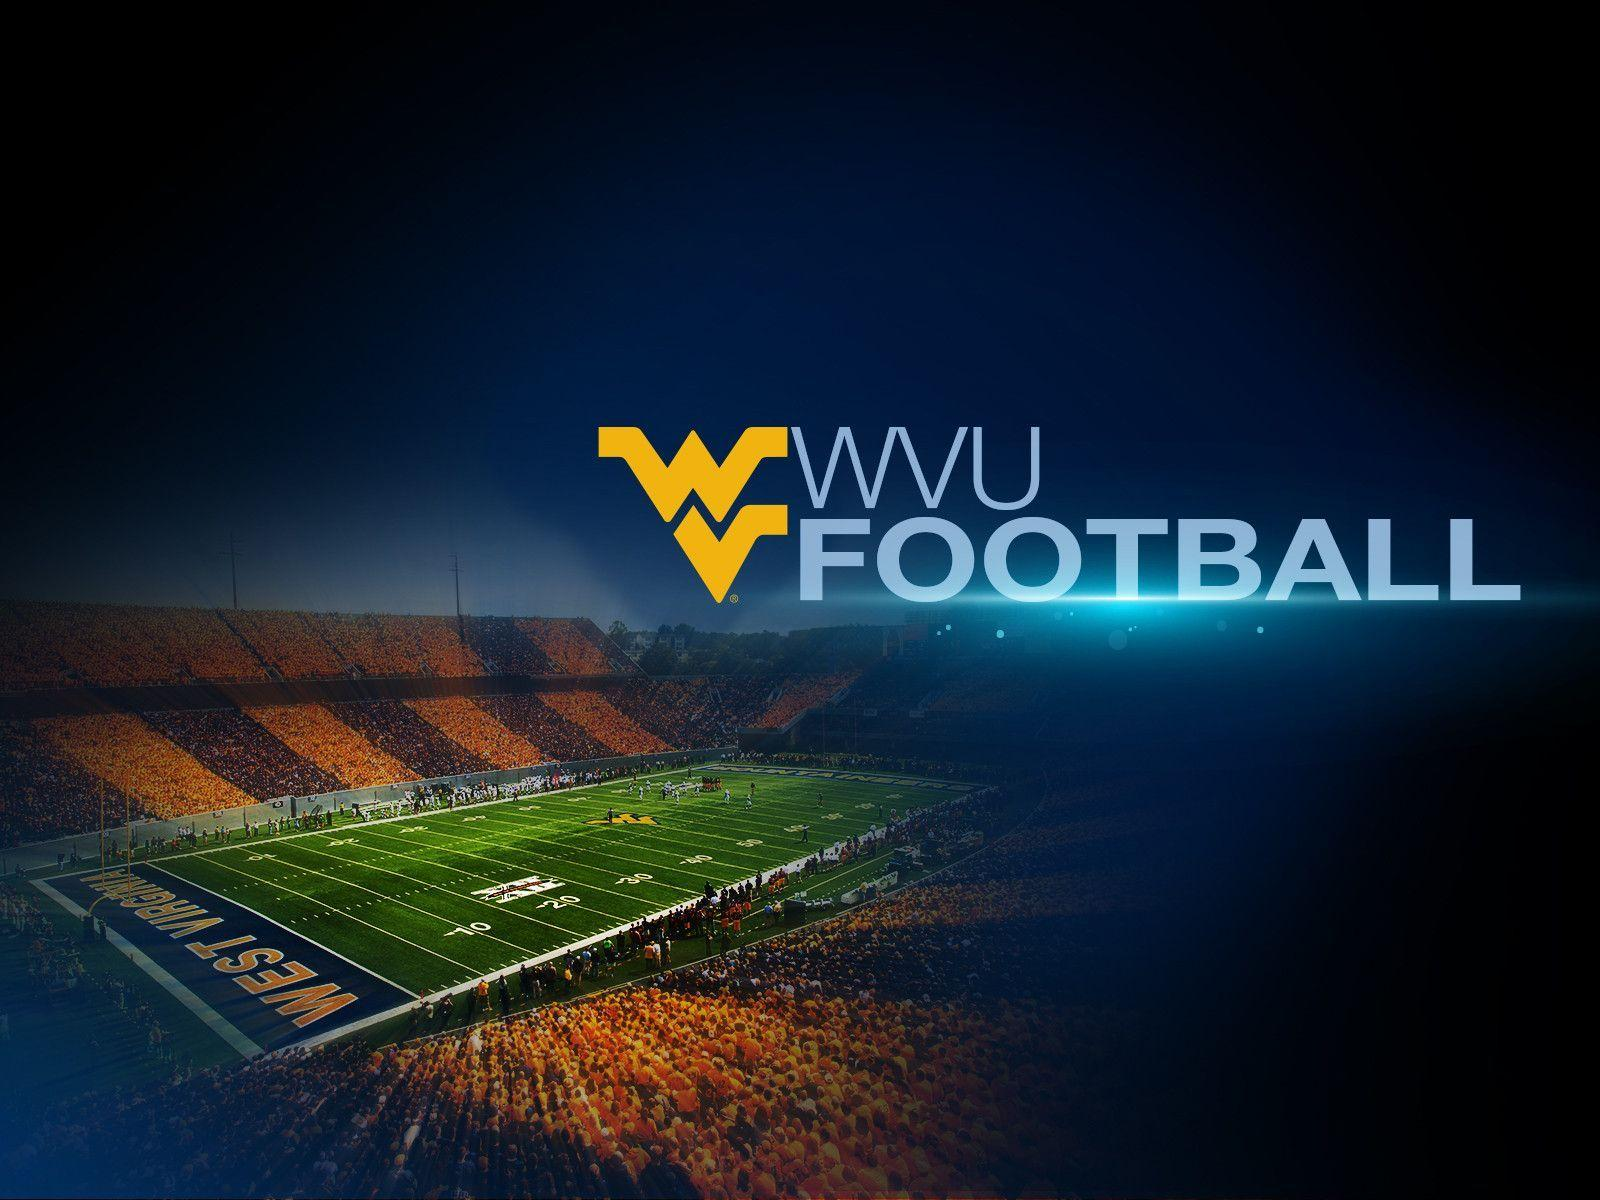 wvu football wallpaper  West Virginia University Wallpapers - Wallpaper Cave